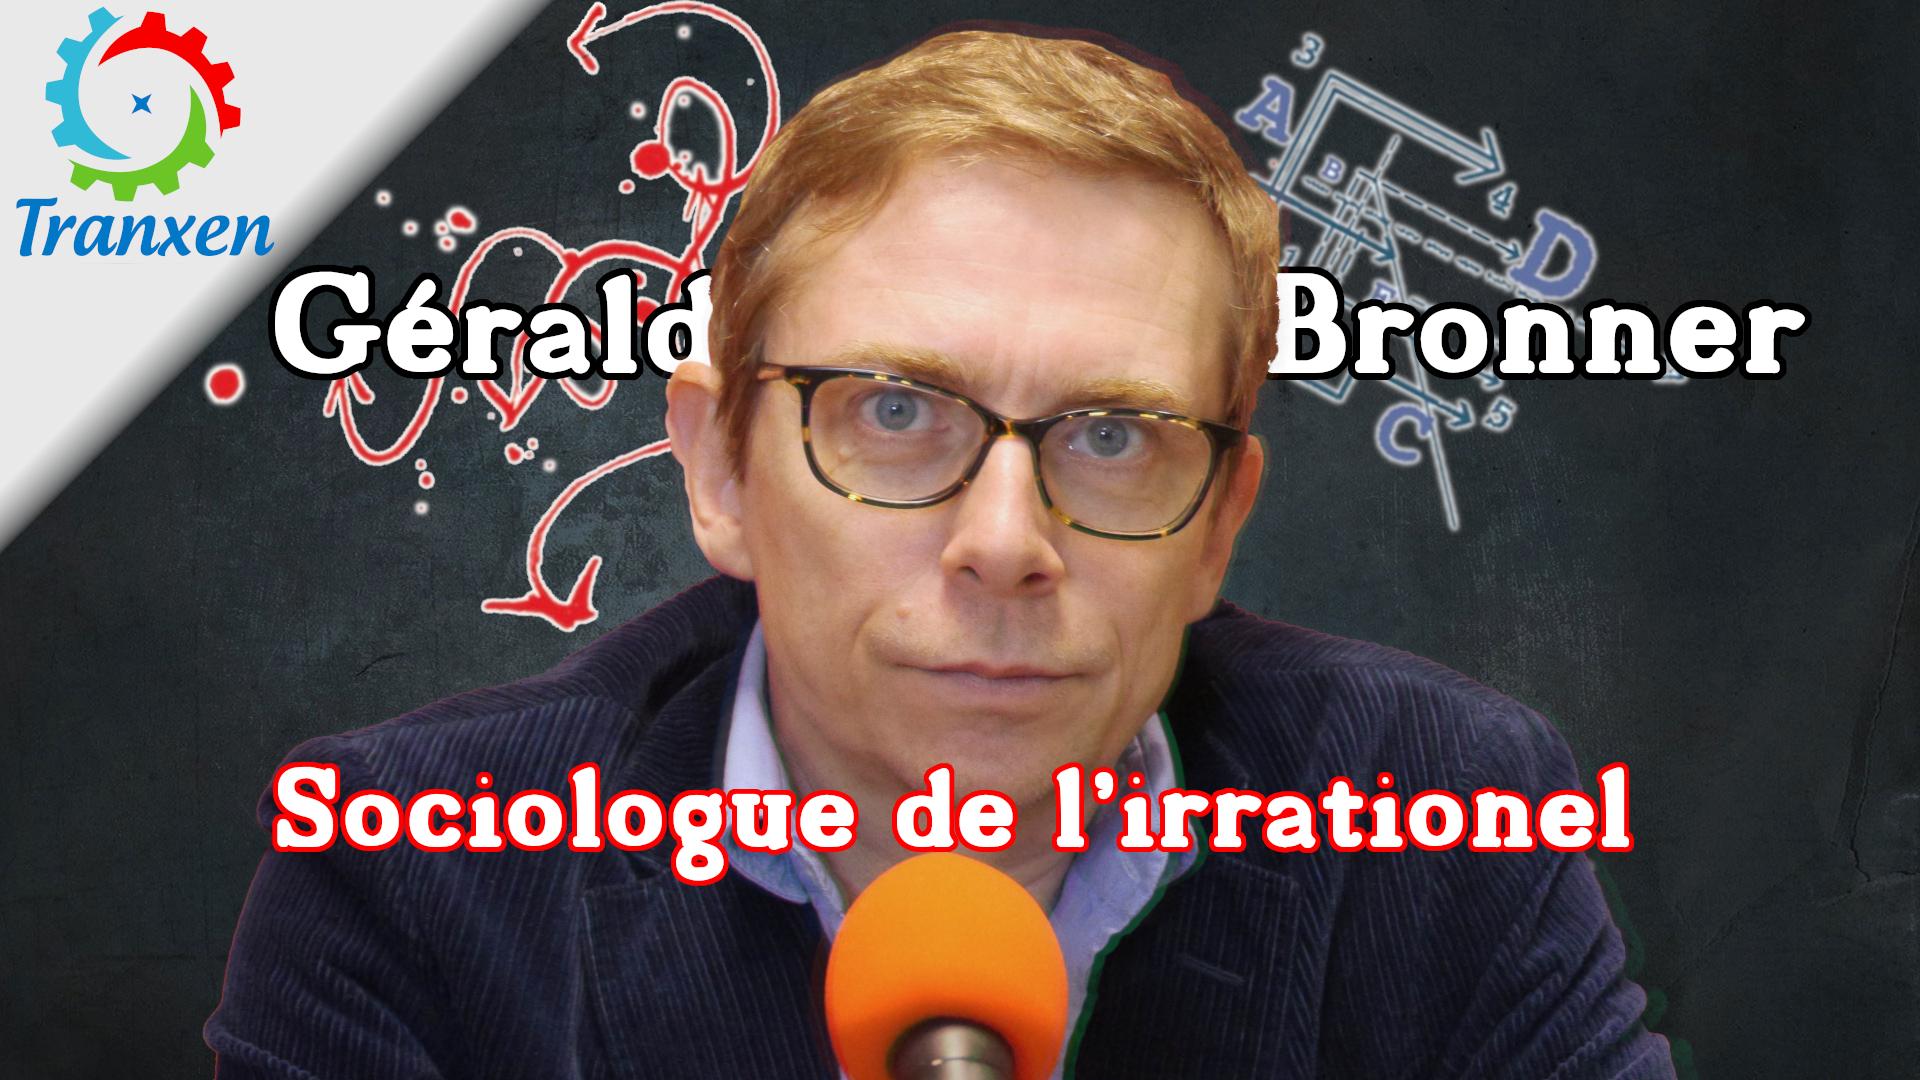 Gérald Bronner, sociologue de l'irrationnel